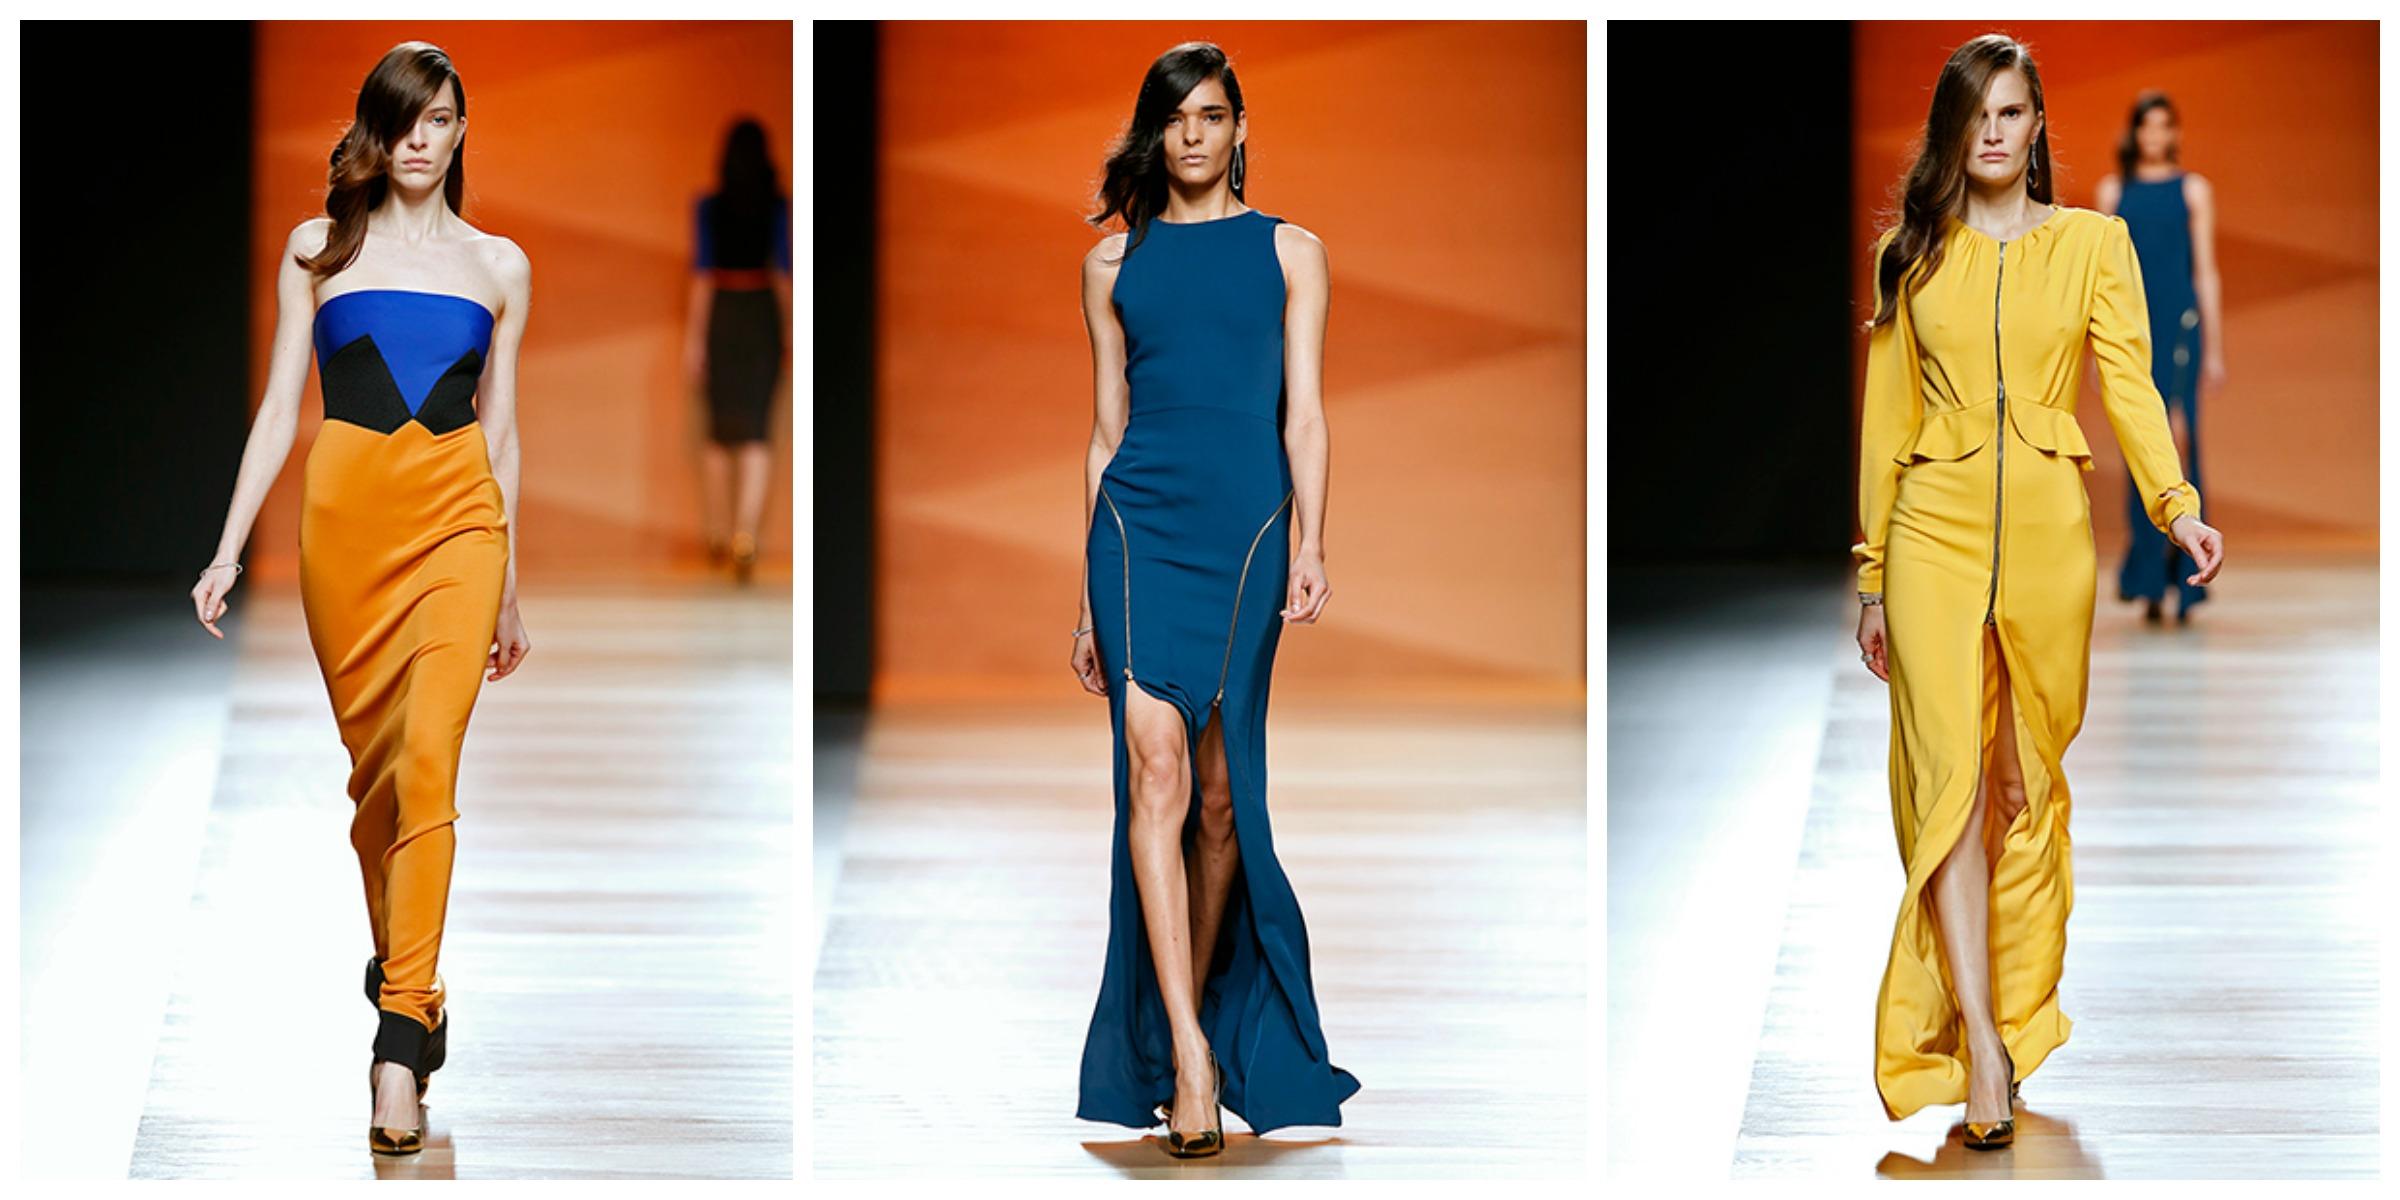 vith consultoria de moda antonio pozuelo diseñador español juanjo oliva mercedes benz fashion week acreditaciones tendencias invierno 2014 2015 style outfit elogy el corte ingles (2)